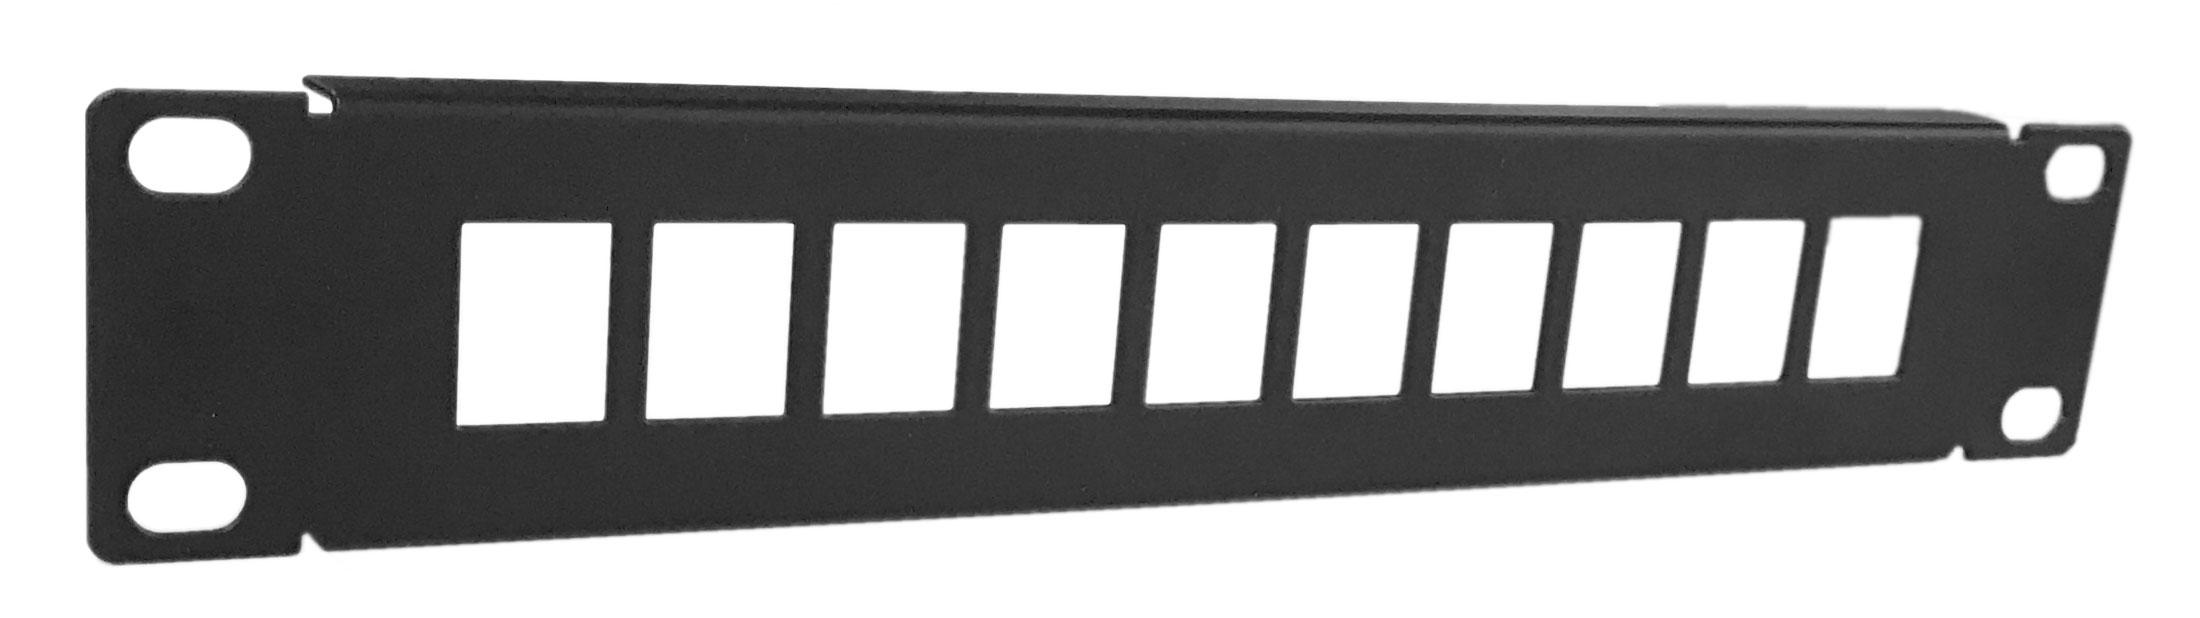 Afbeelding van UTP patchpaneel voor keystones - 10 poorts